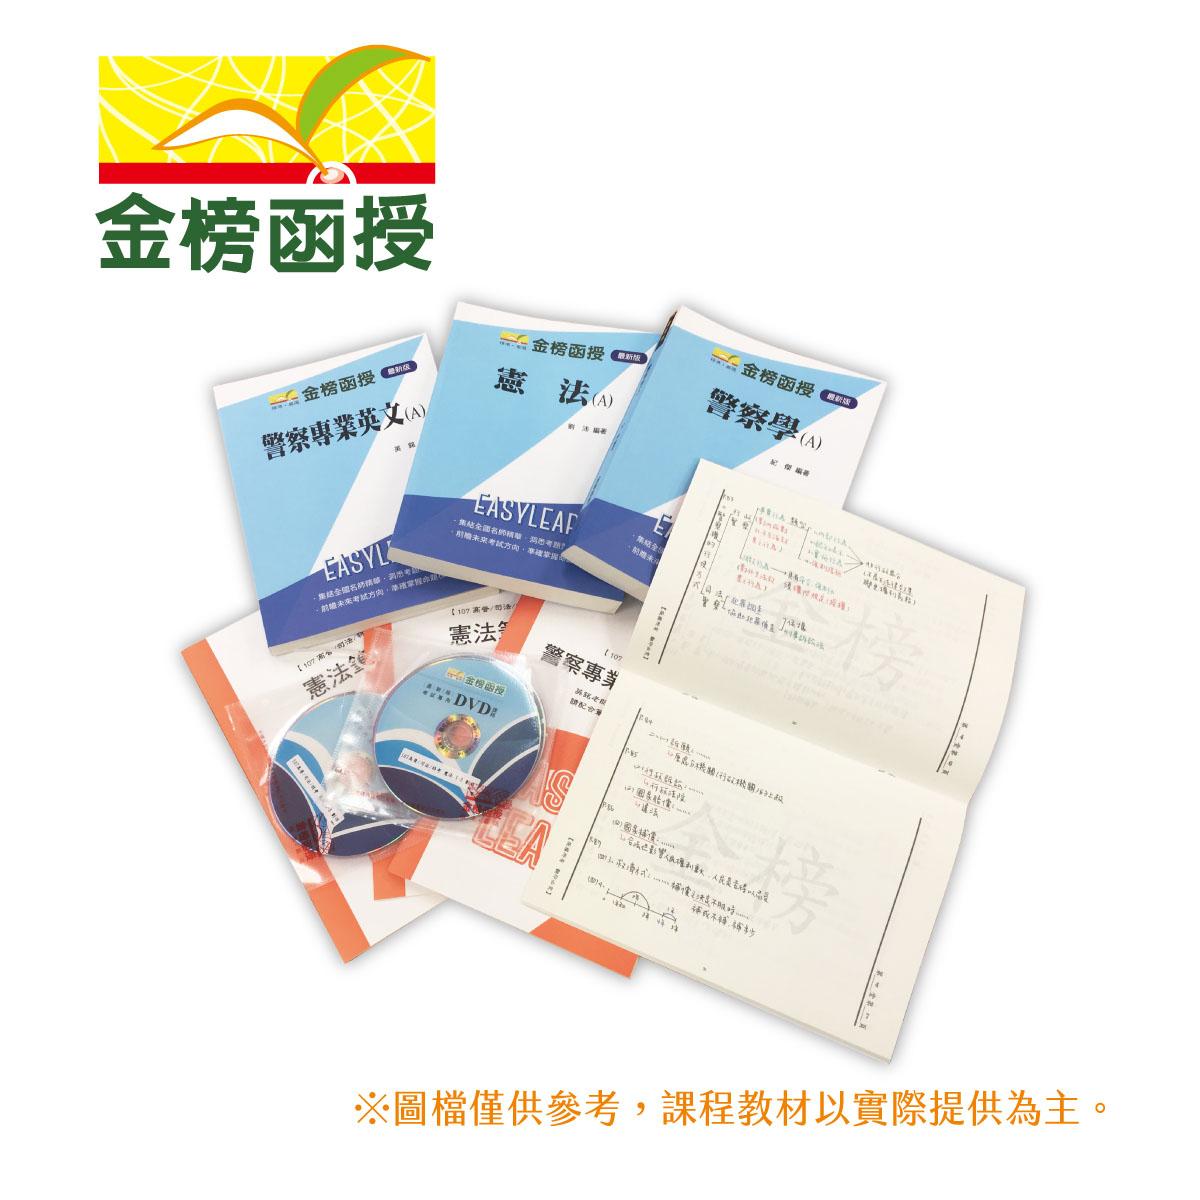 107金榜函授/行政法主题/行政法主题式/单科/云端/第05回/孙权